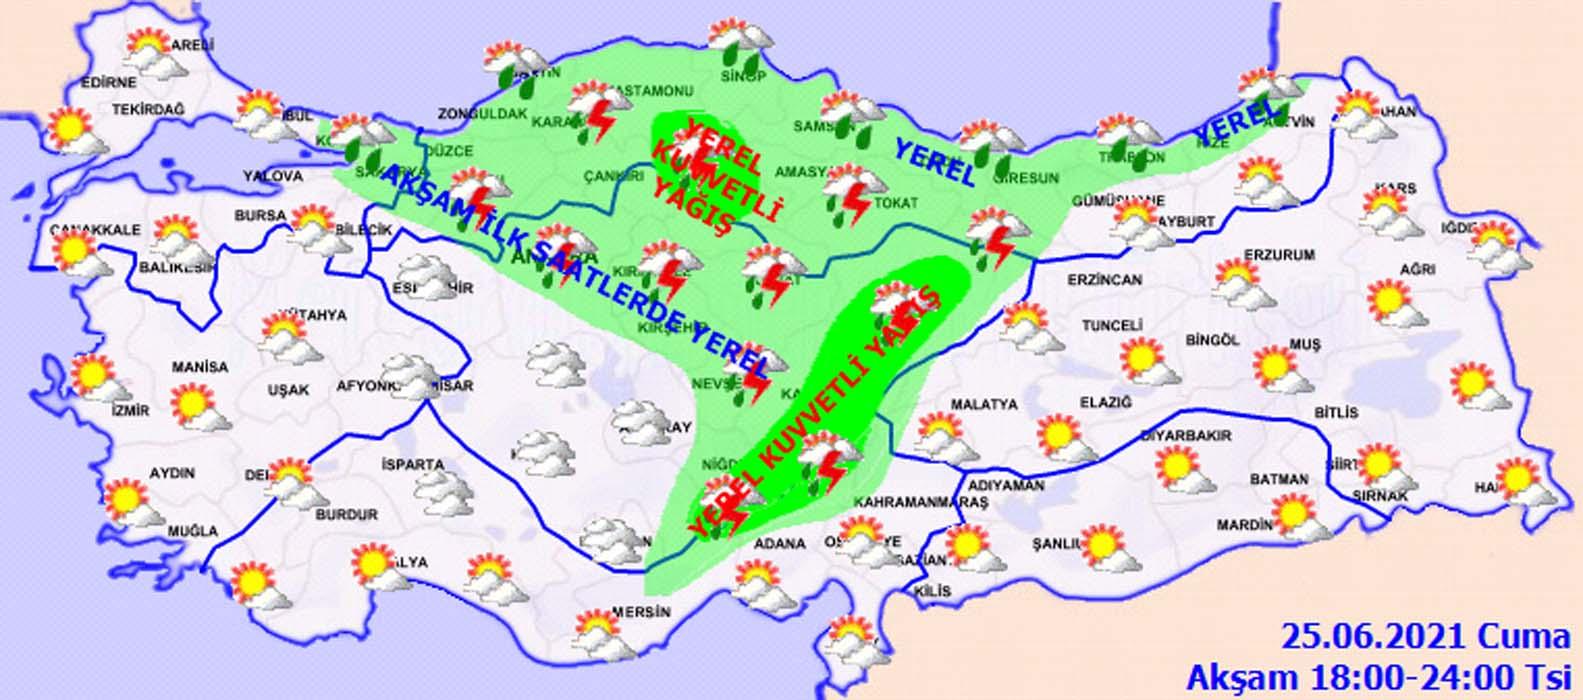 Meteoroloji'den İstanbul dahil bir çok ile sağanak uyarısı! Sel, su baskını, yıldırım düşmesi, dolu yağışı....